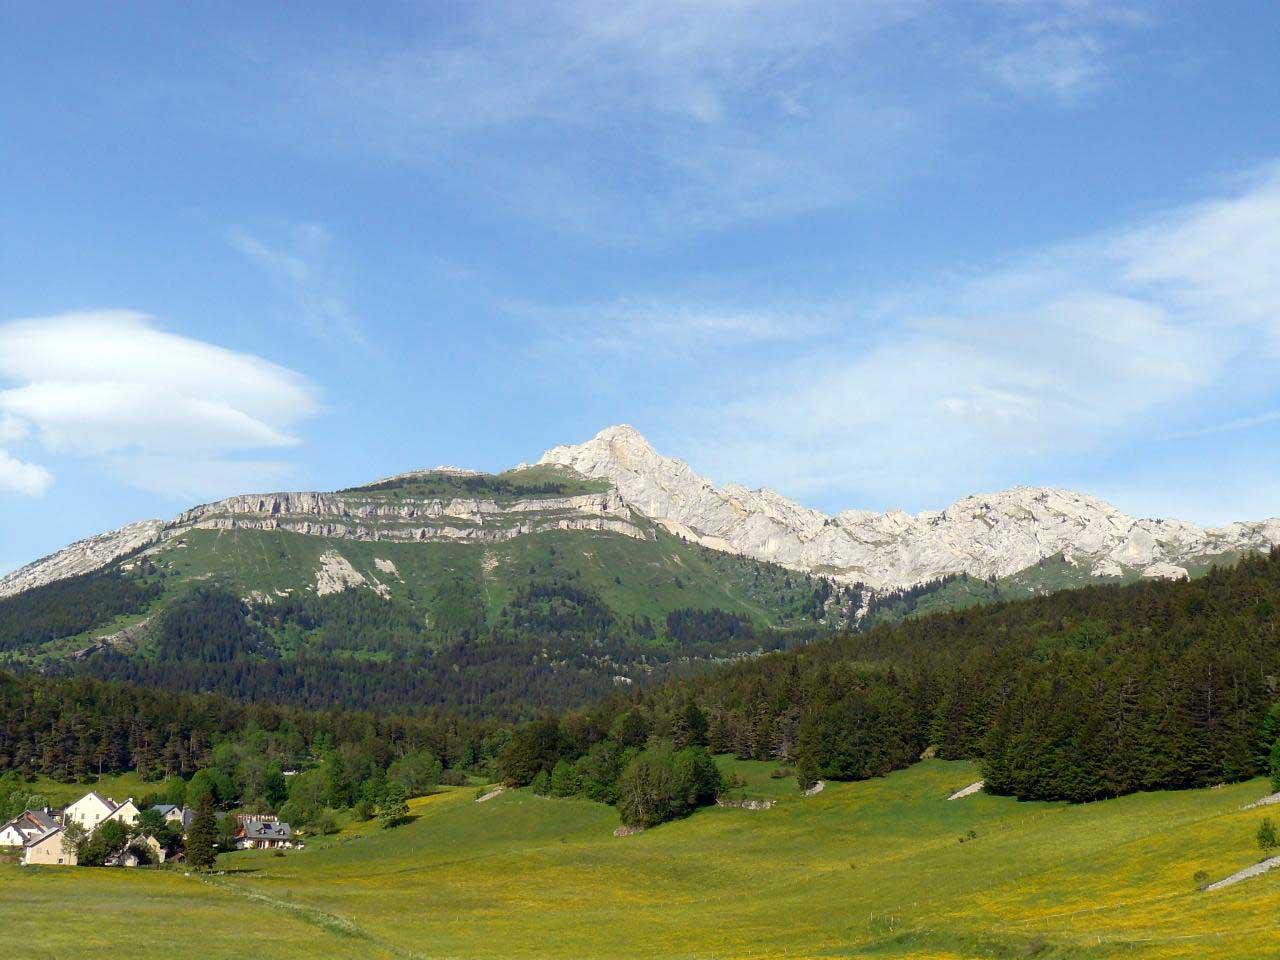 Montagne de Lans